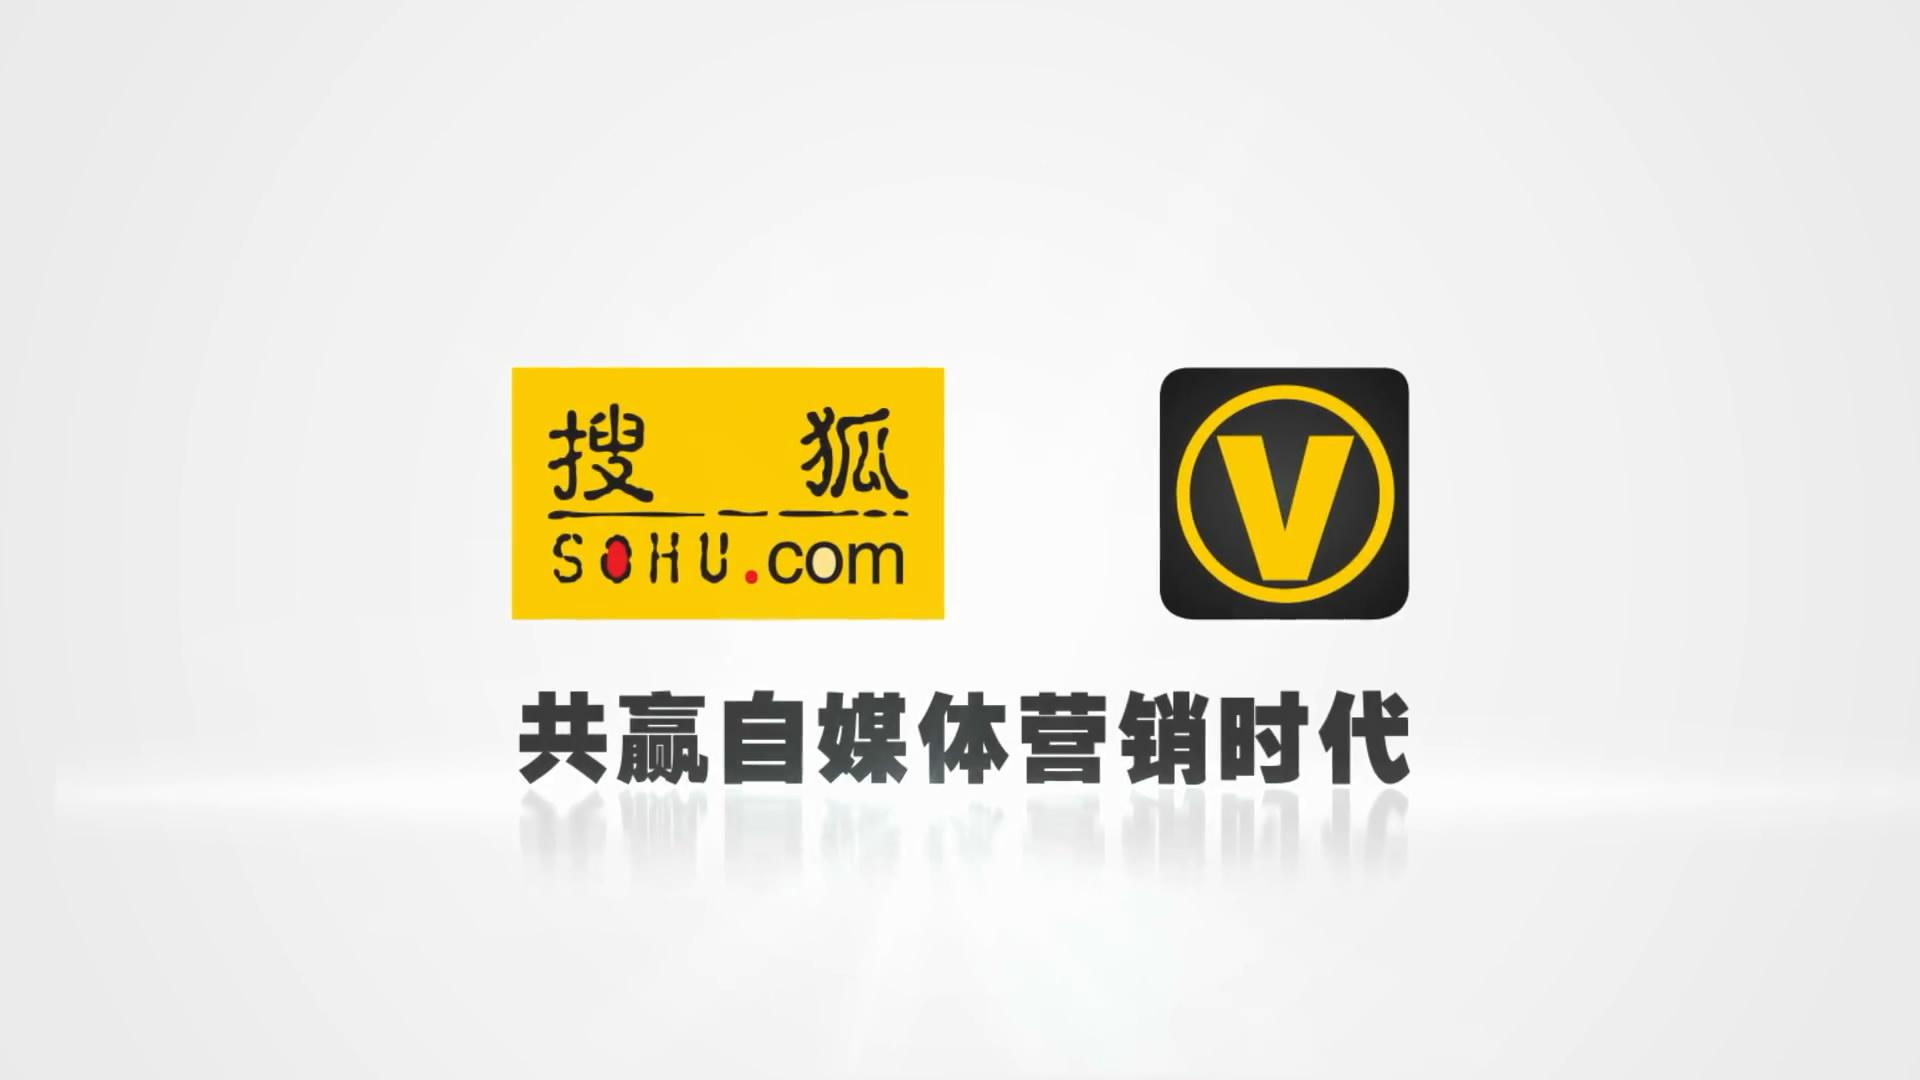 搜狐自媒体宣传片,共赢自媒体营销时代,提升品牌影响力